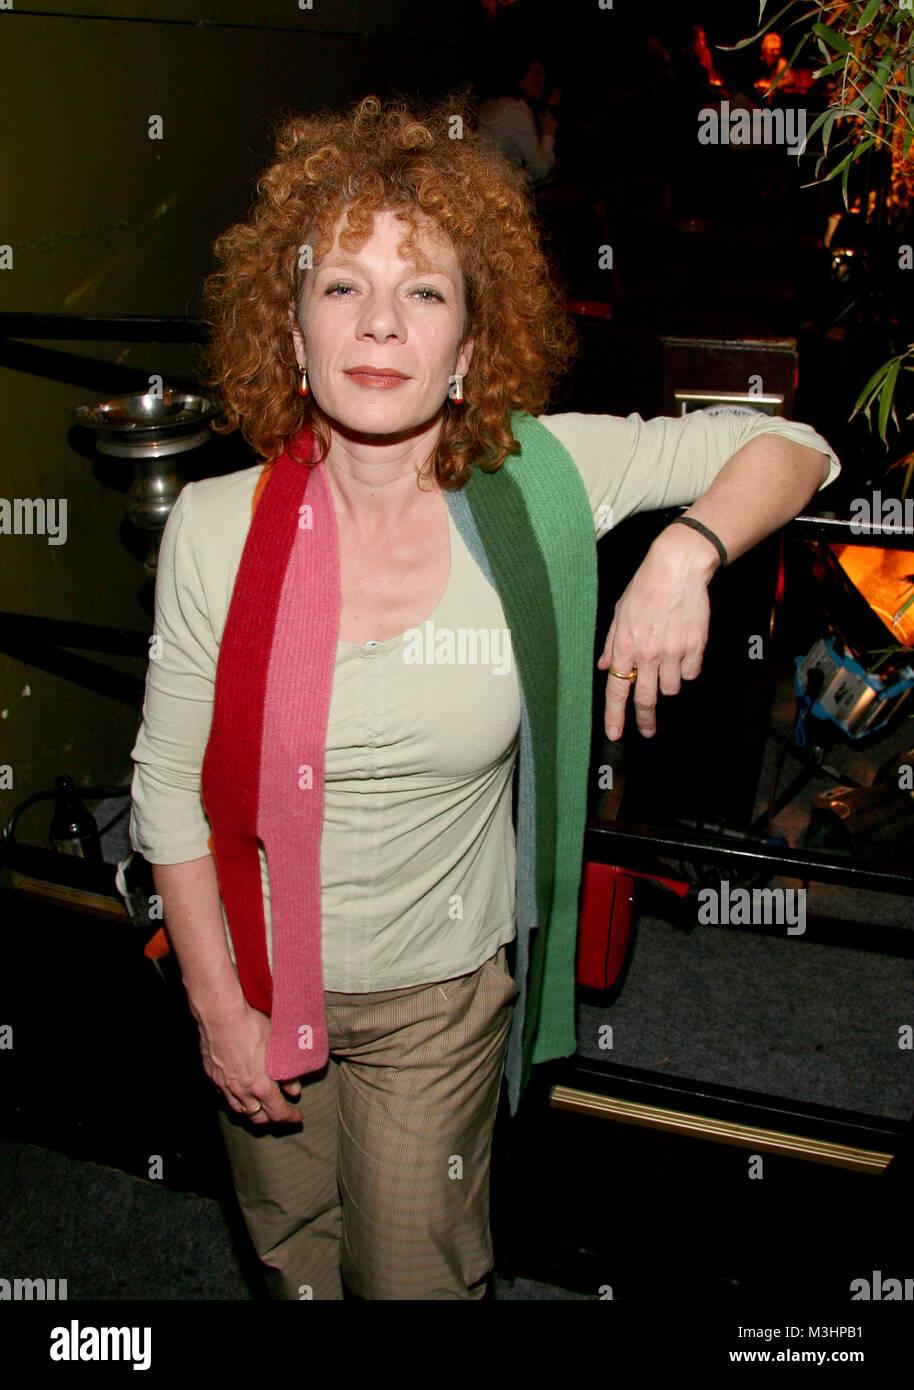 Nina Hoger bei der venir parti ensemble 2007 der Filmförderung Hamburg , ein bedeutendes und unter der Prominenz beliebtes Medienevent am 18.01.2007 Banque D'Images